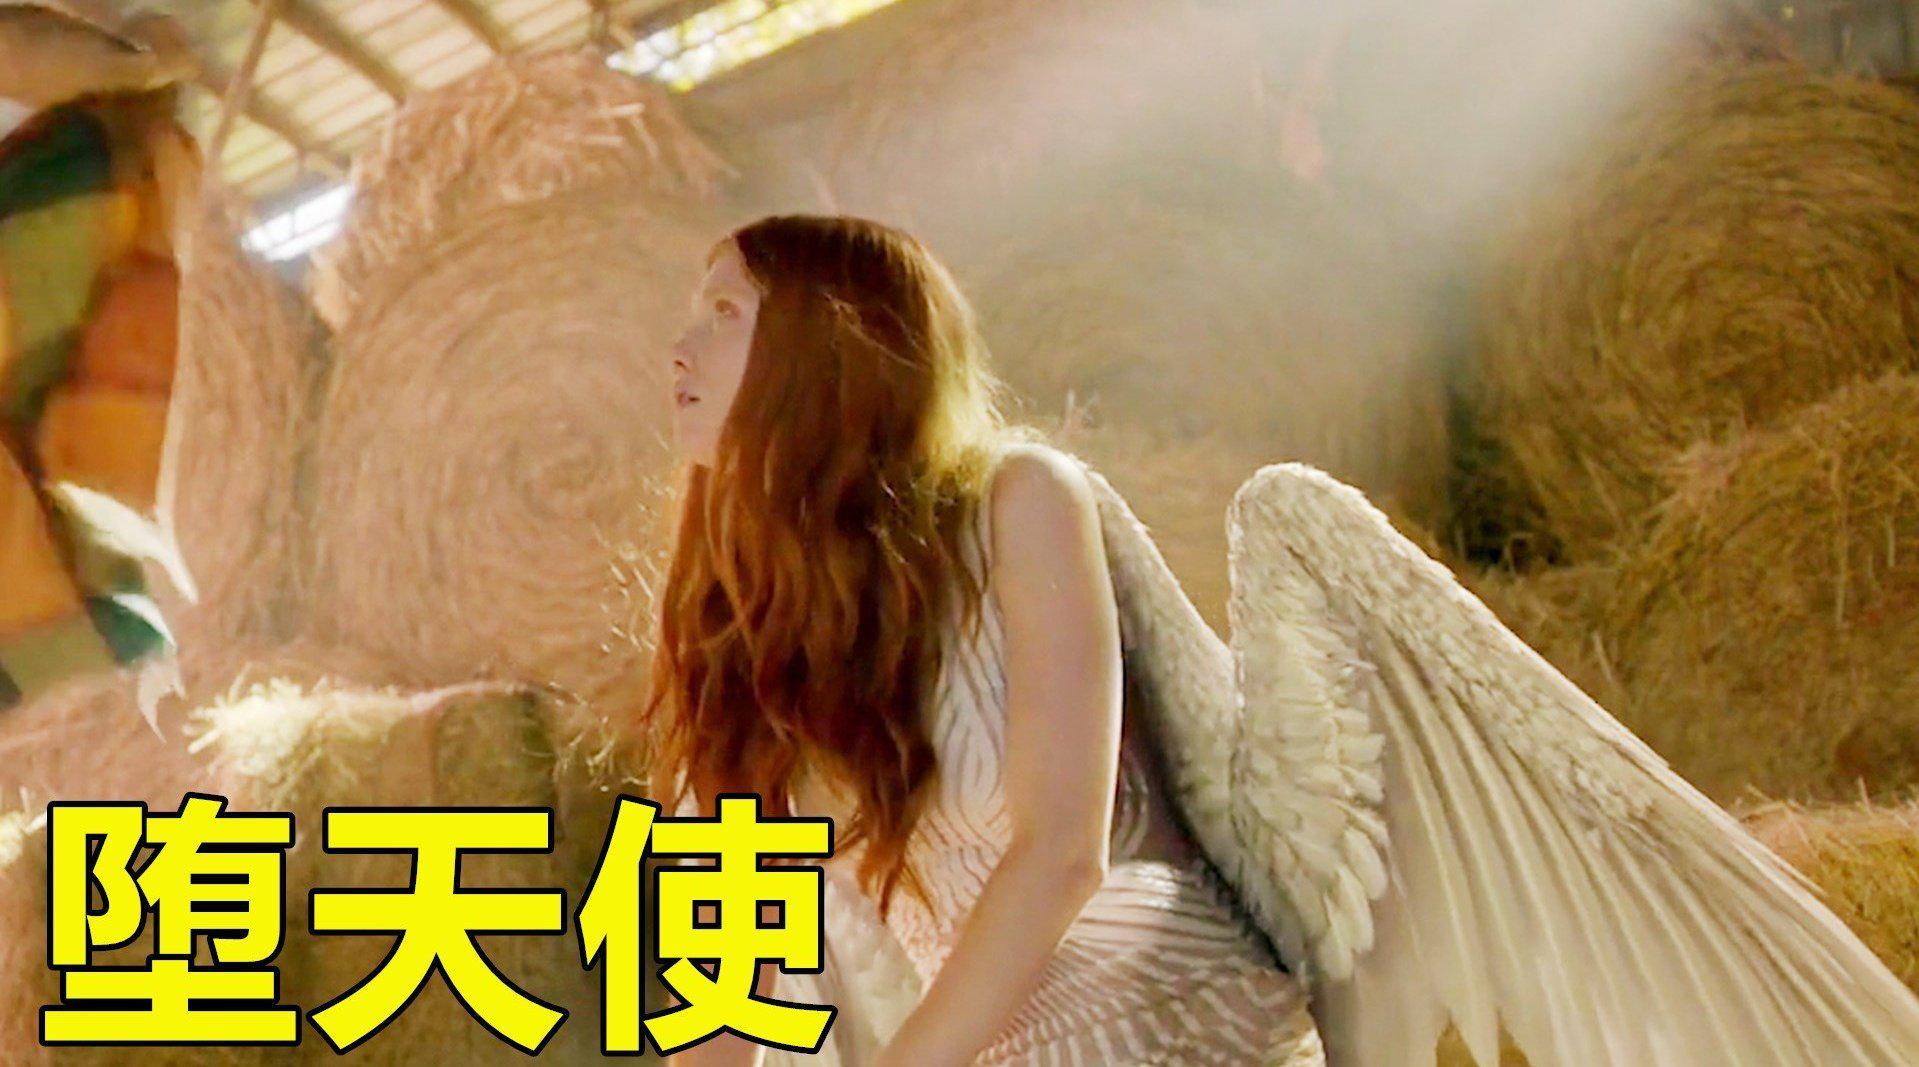 天使因杀人被逐出天堂,男子拔了她一根羽毛,就让她从地狱到人间